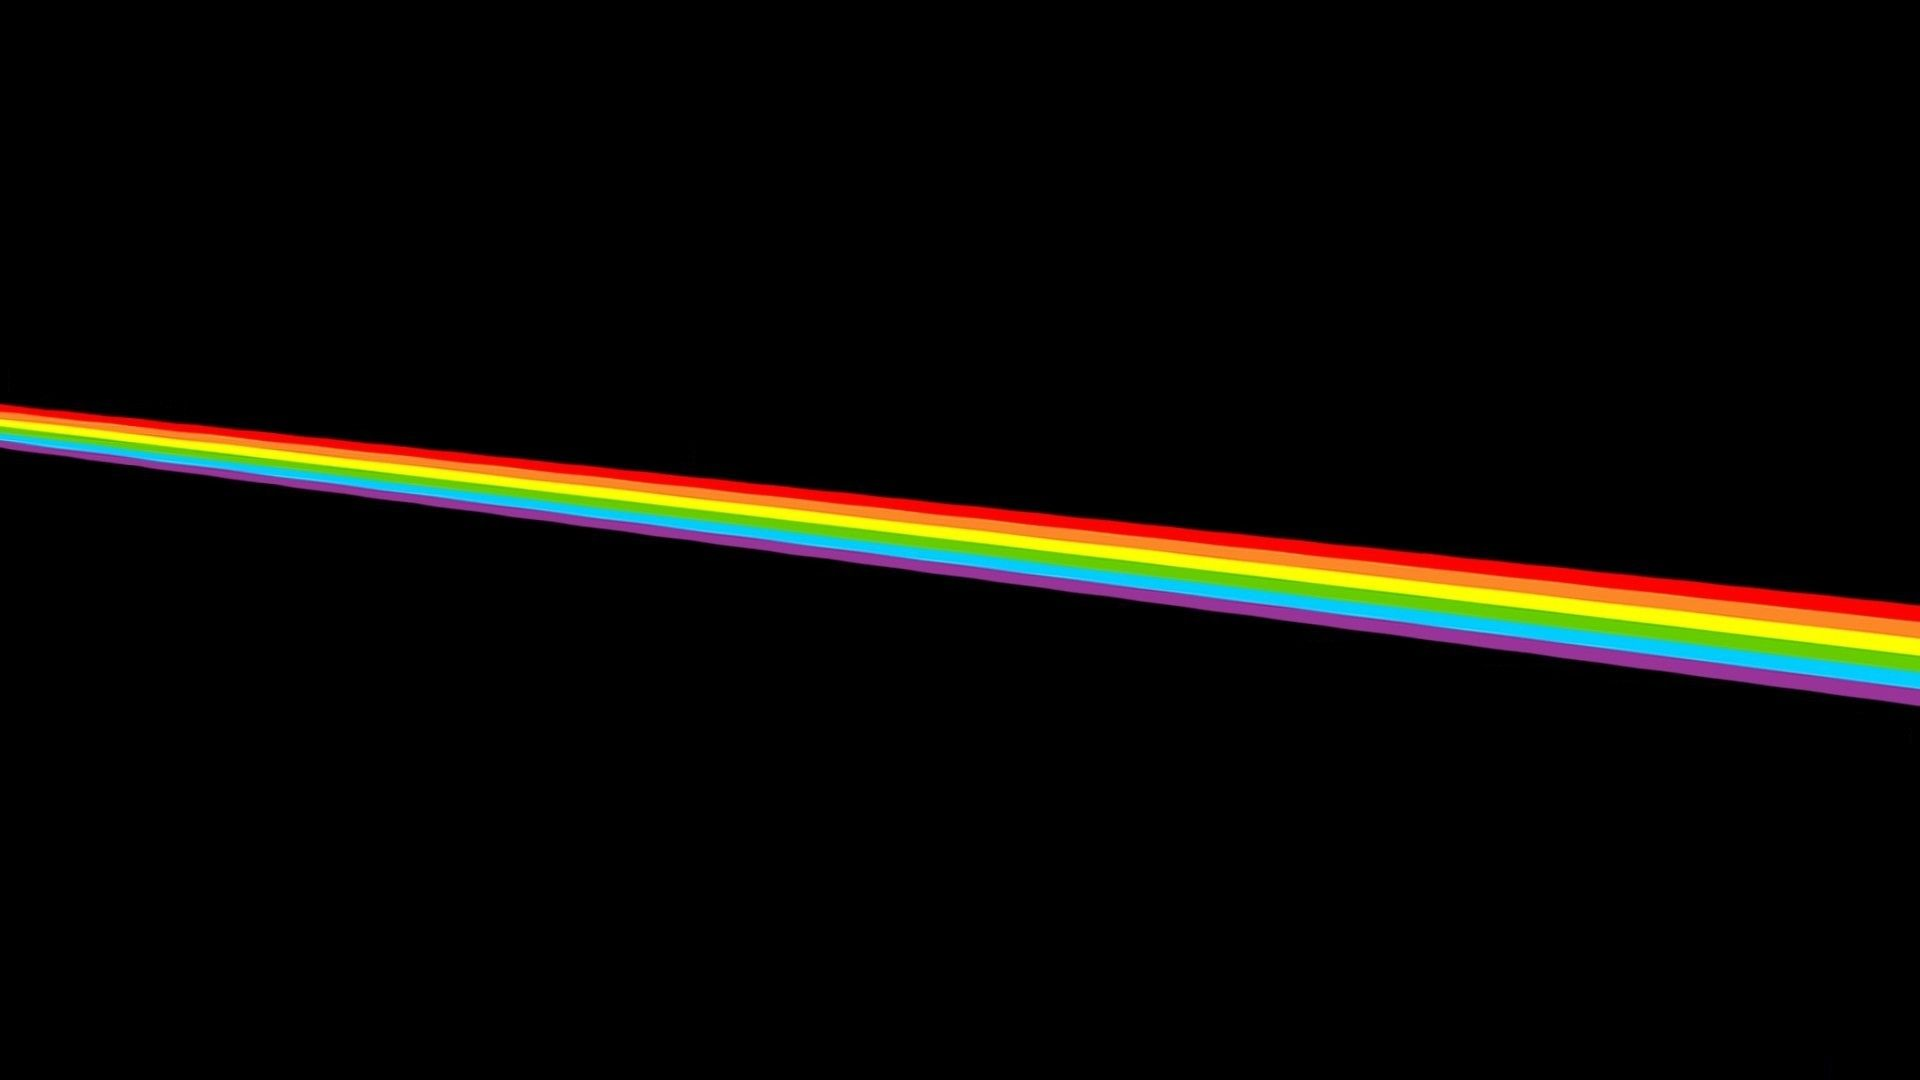 Download 80 Background Pink Floyd HD Terbaru